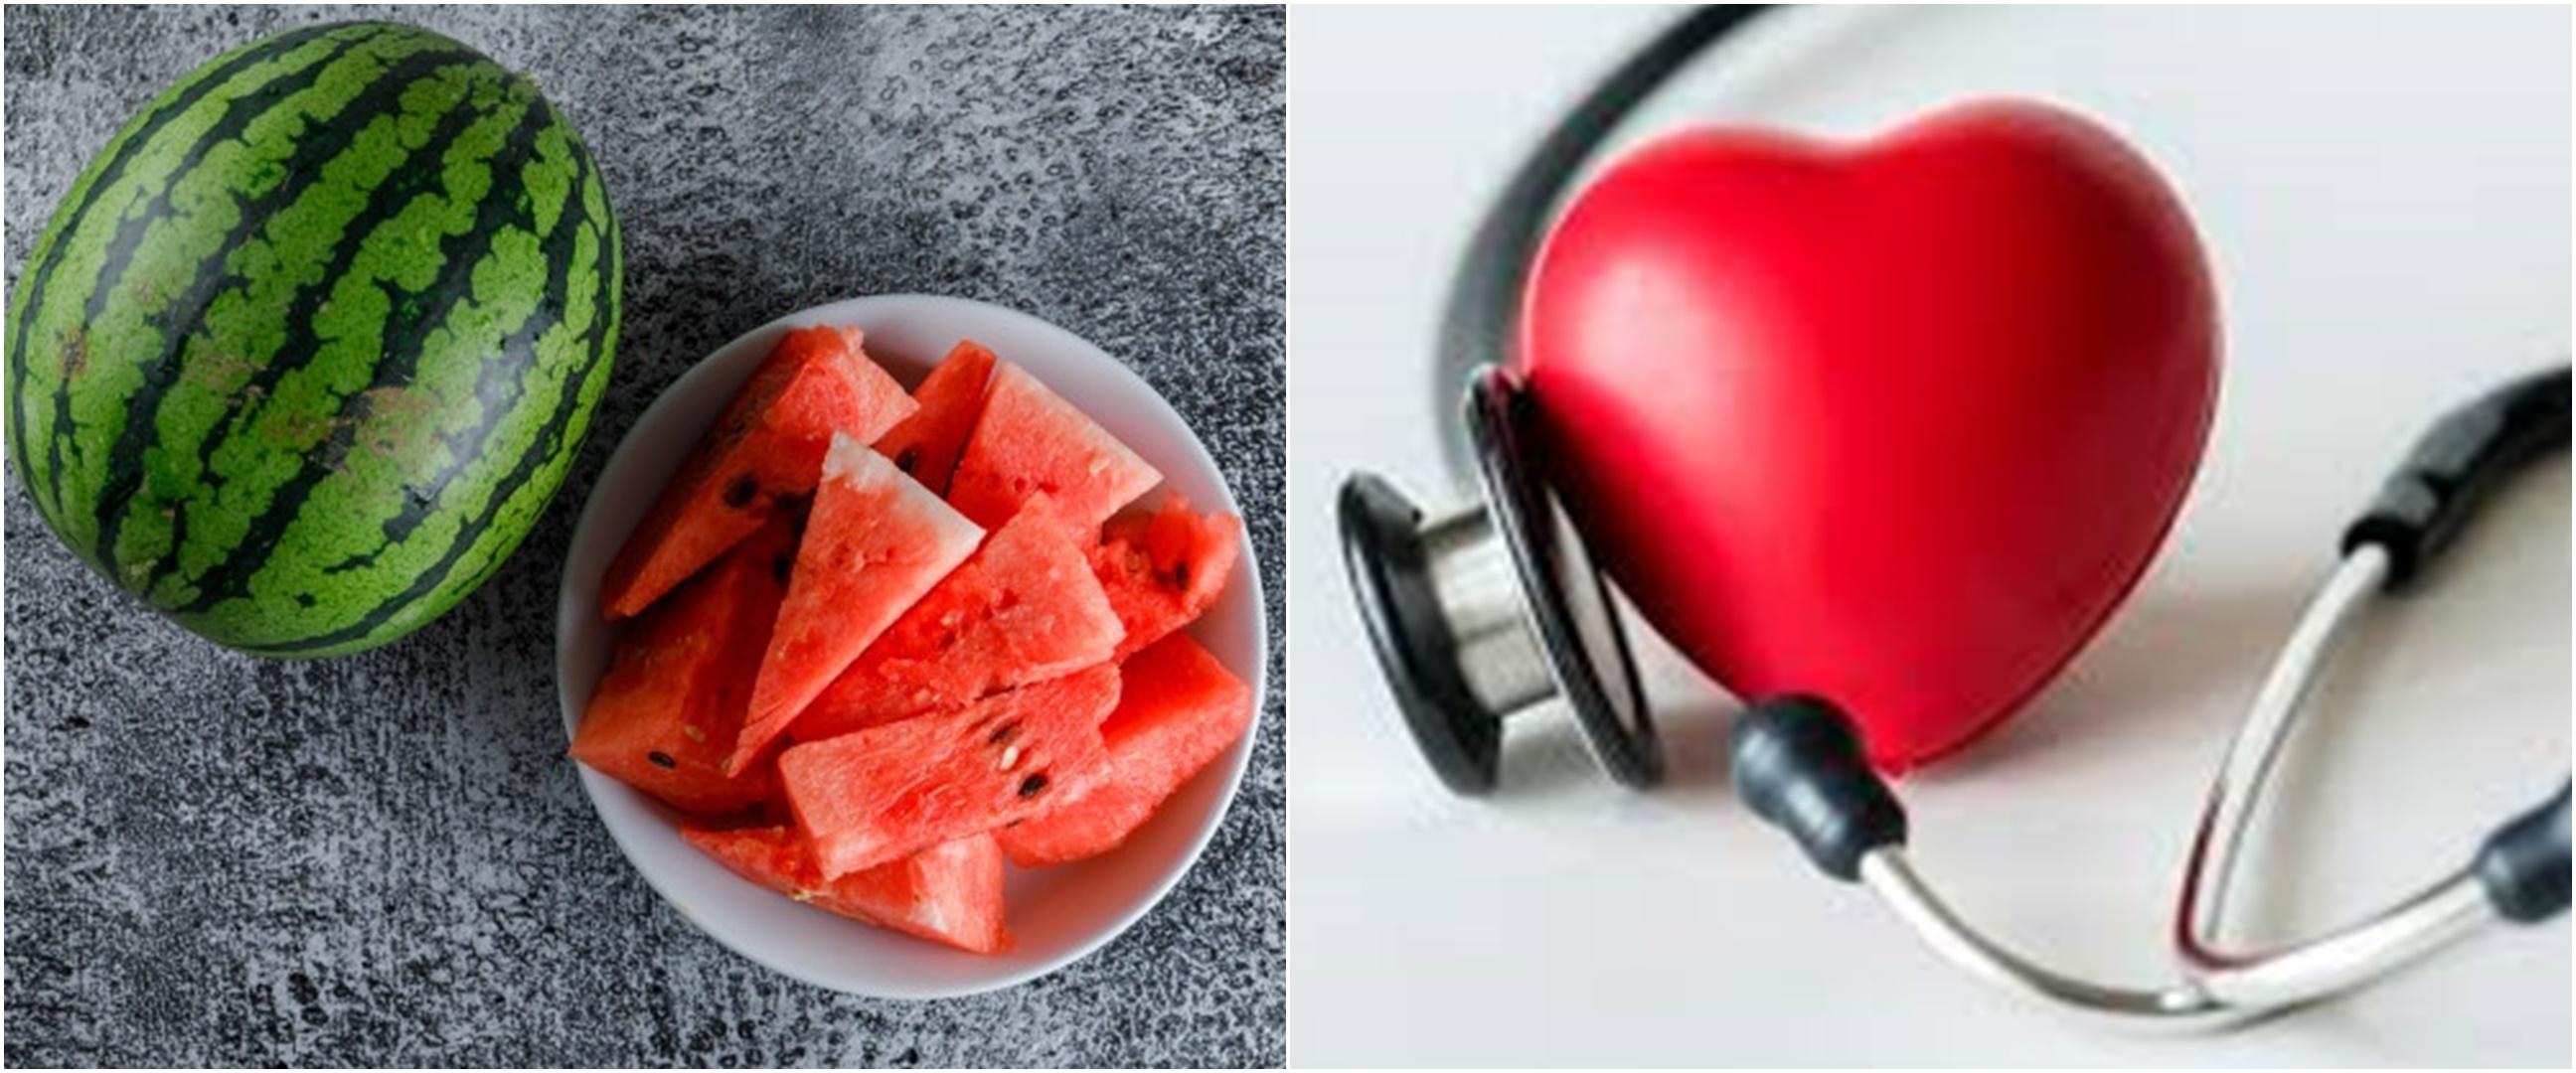 10 Manfaat semangka untuk kesehatan, mengurangi risiko kanker